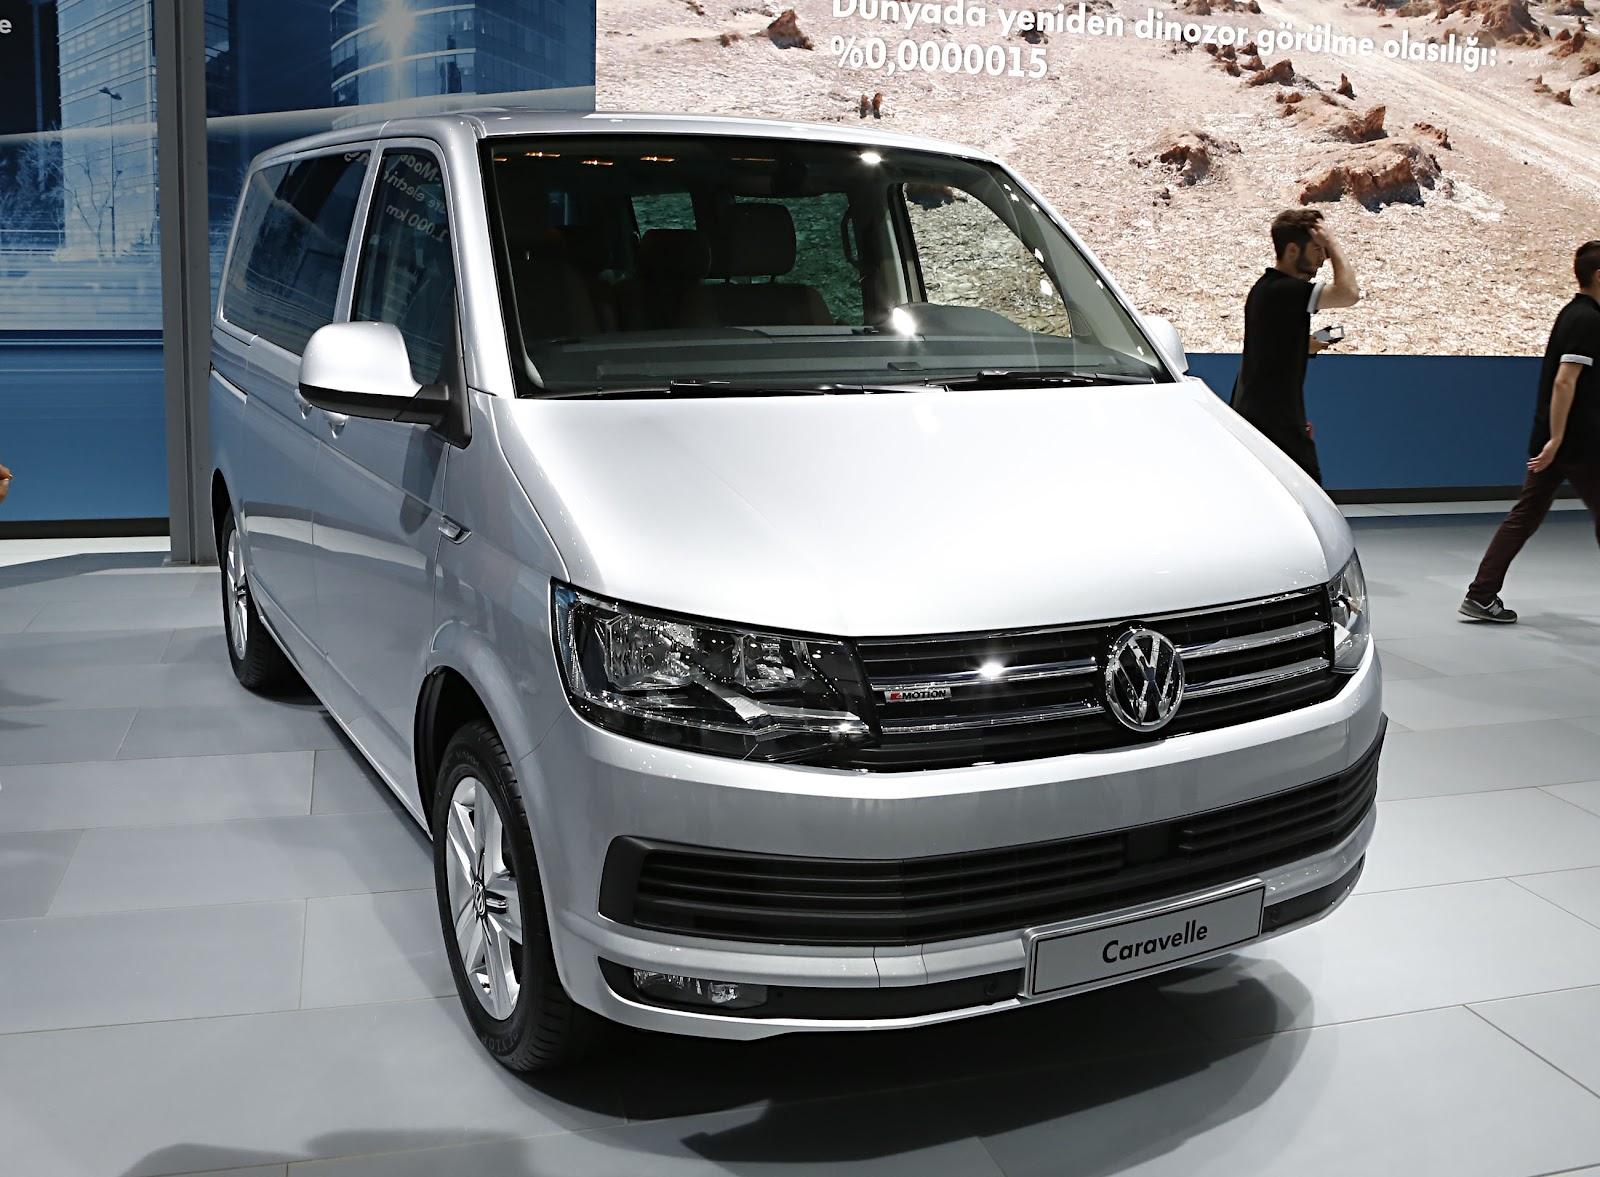 yeni vw transporter & caravelle türkiye'de - fiyat, donanım